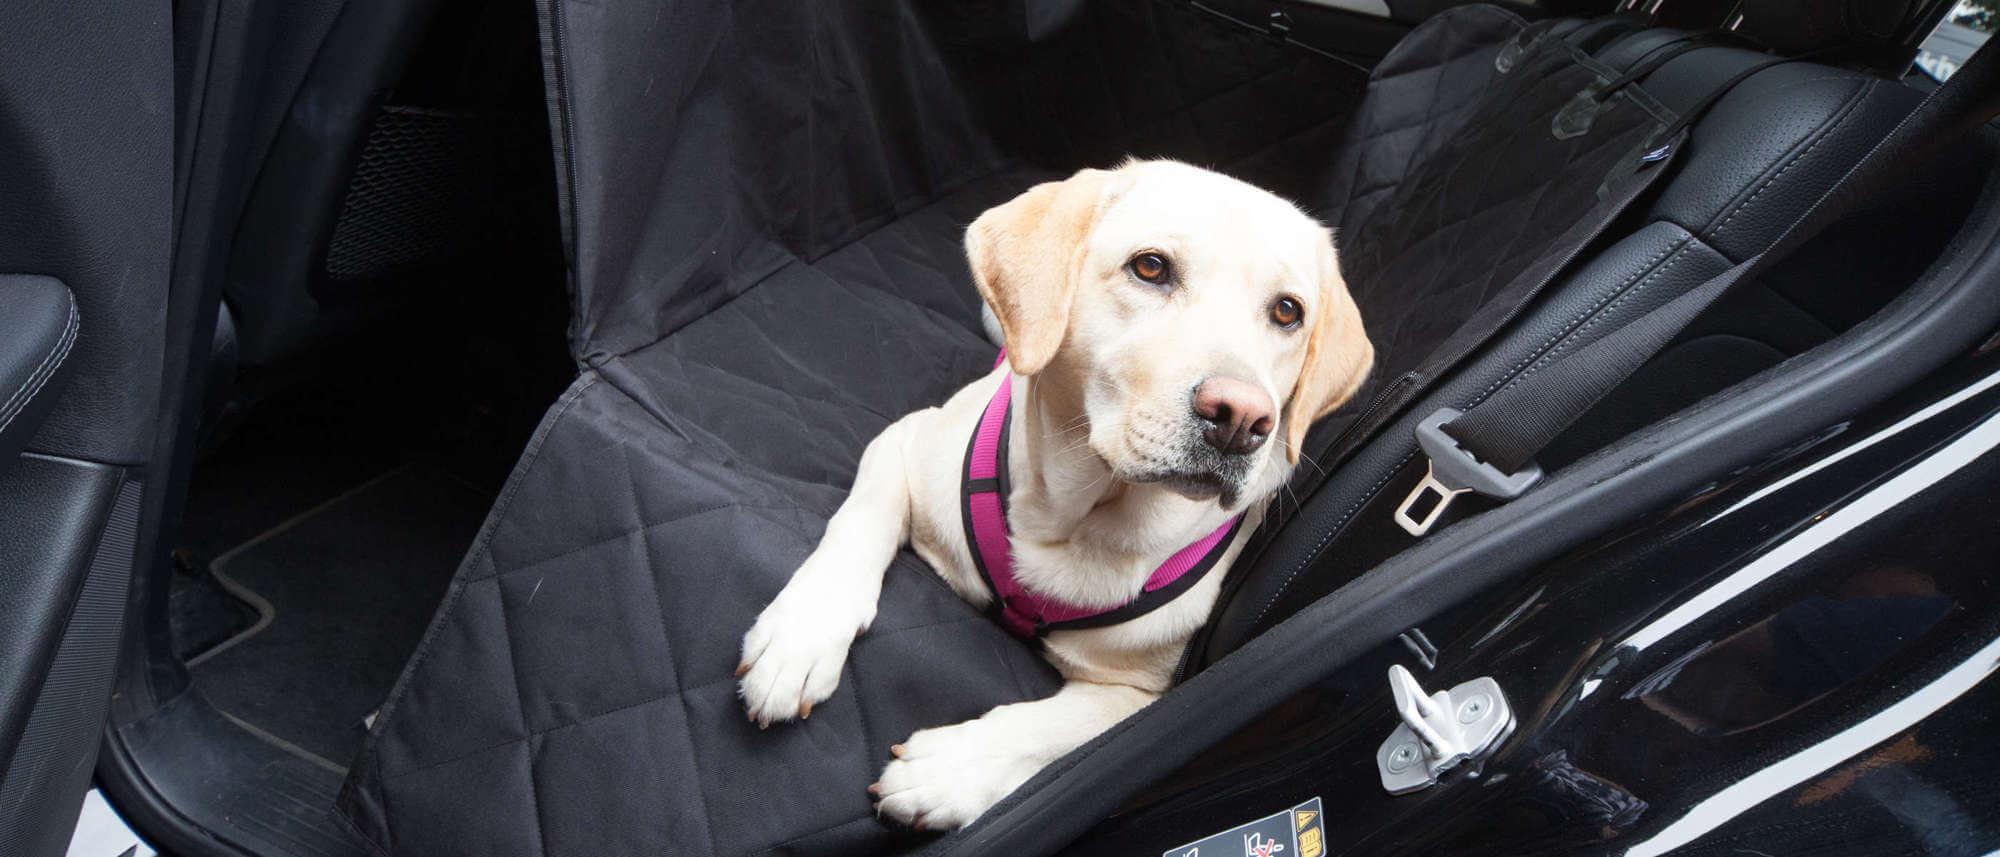 hundetransport im auto auf der r ckbank floxik premium hundeprodukte. Black Bedroom Furniture Sets. Home Design Ideas